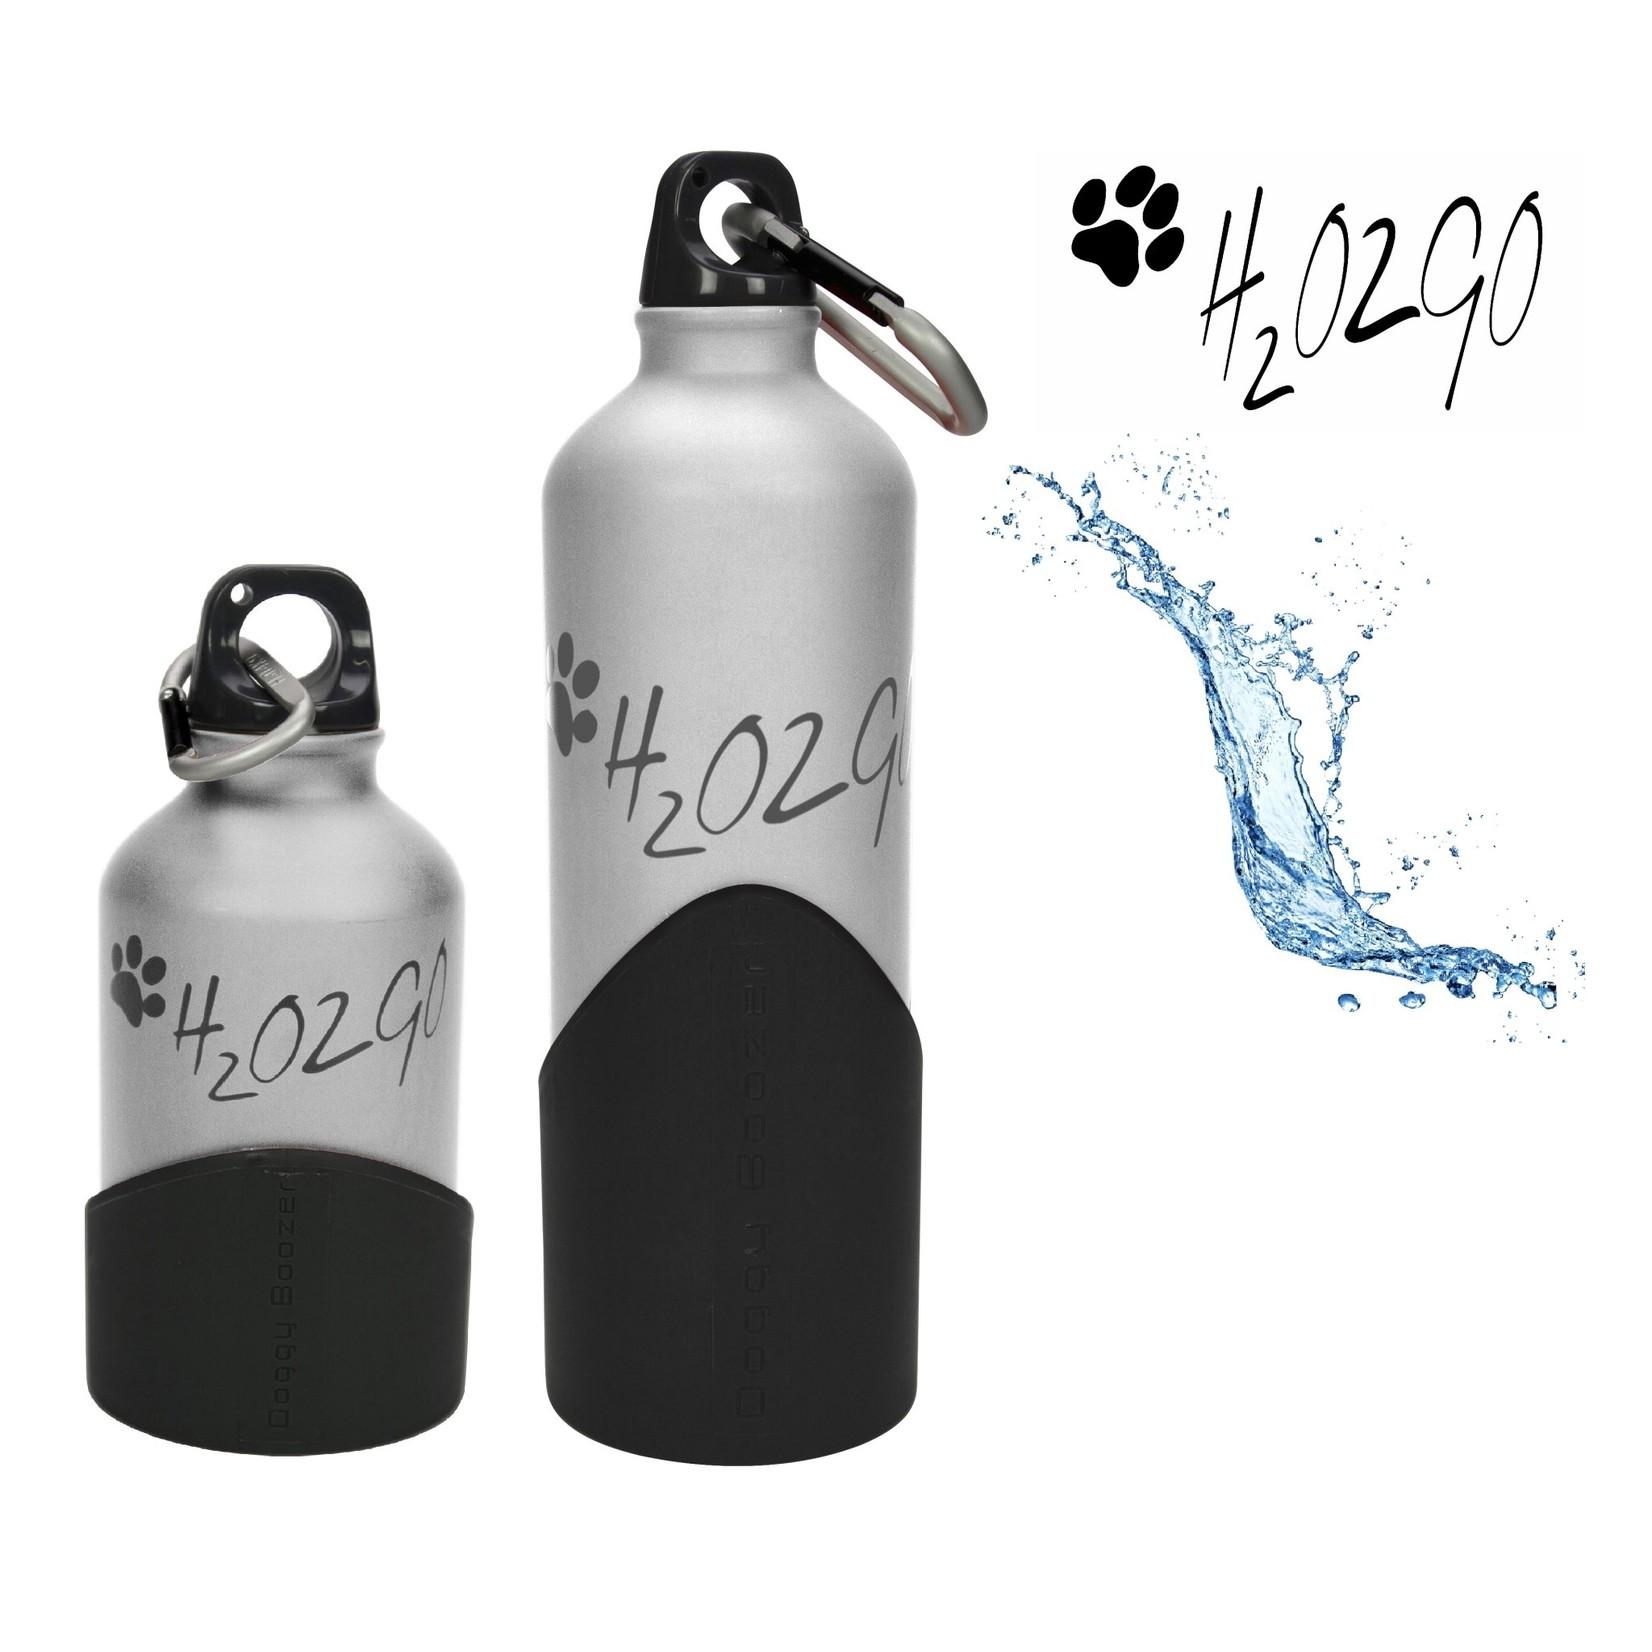 H202GO H2O2GO 750 ml